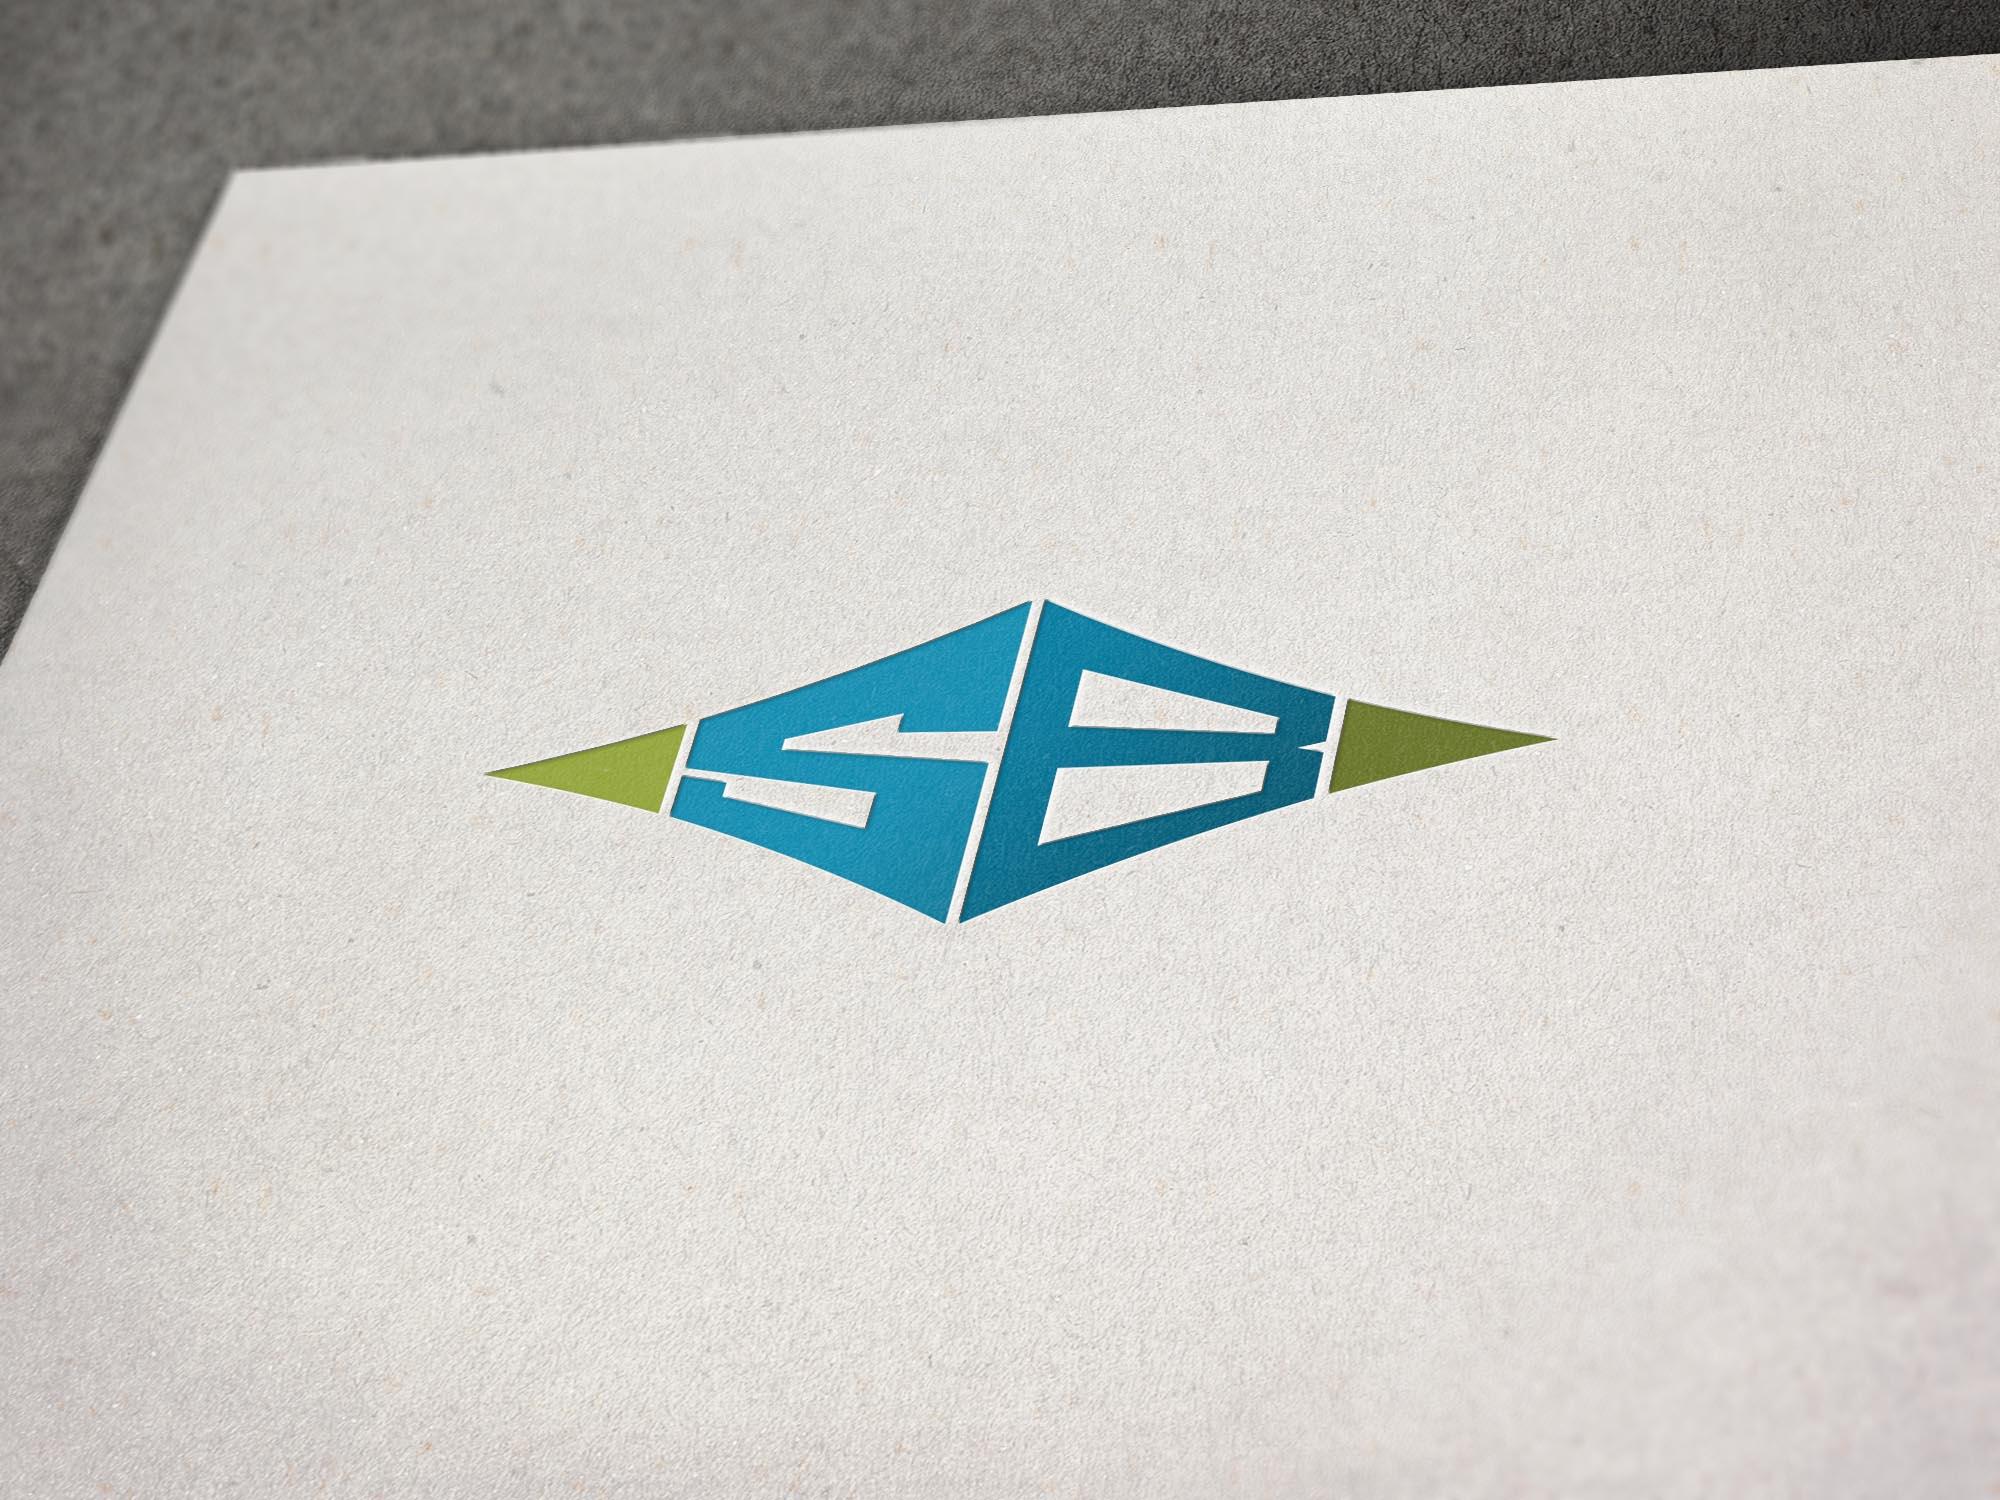 Логотип + Визитка Портала безопасных сделок фото f_463535fe4d927357.jpg